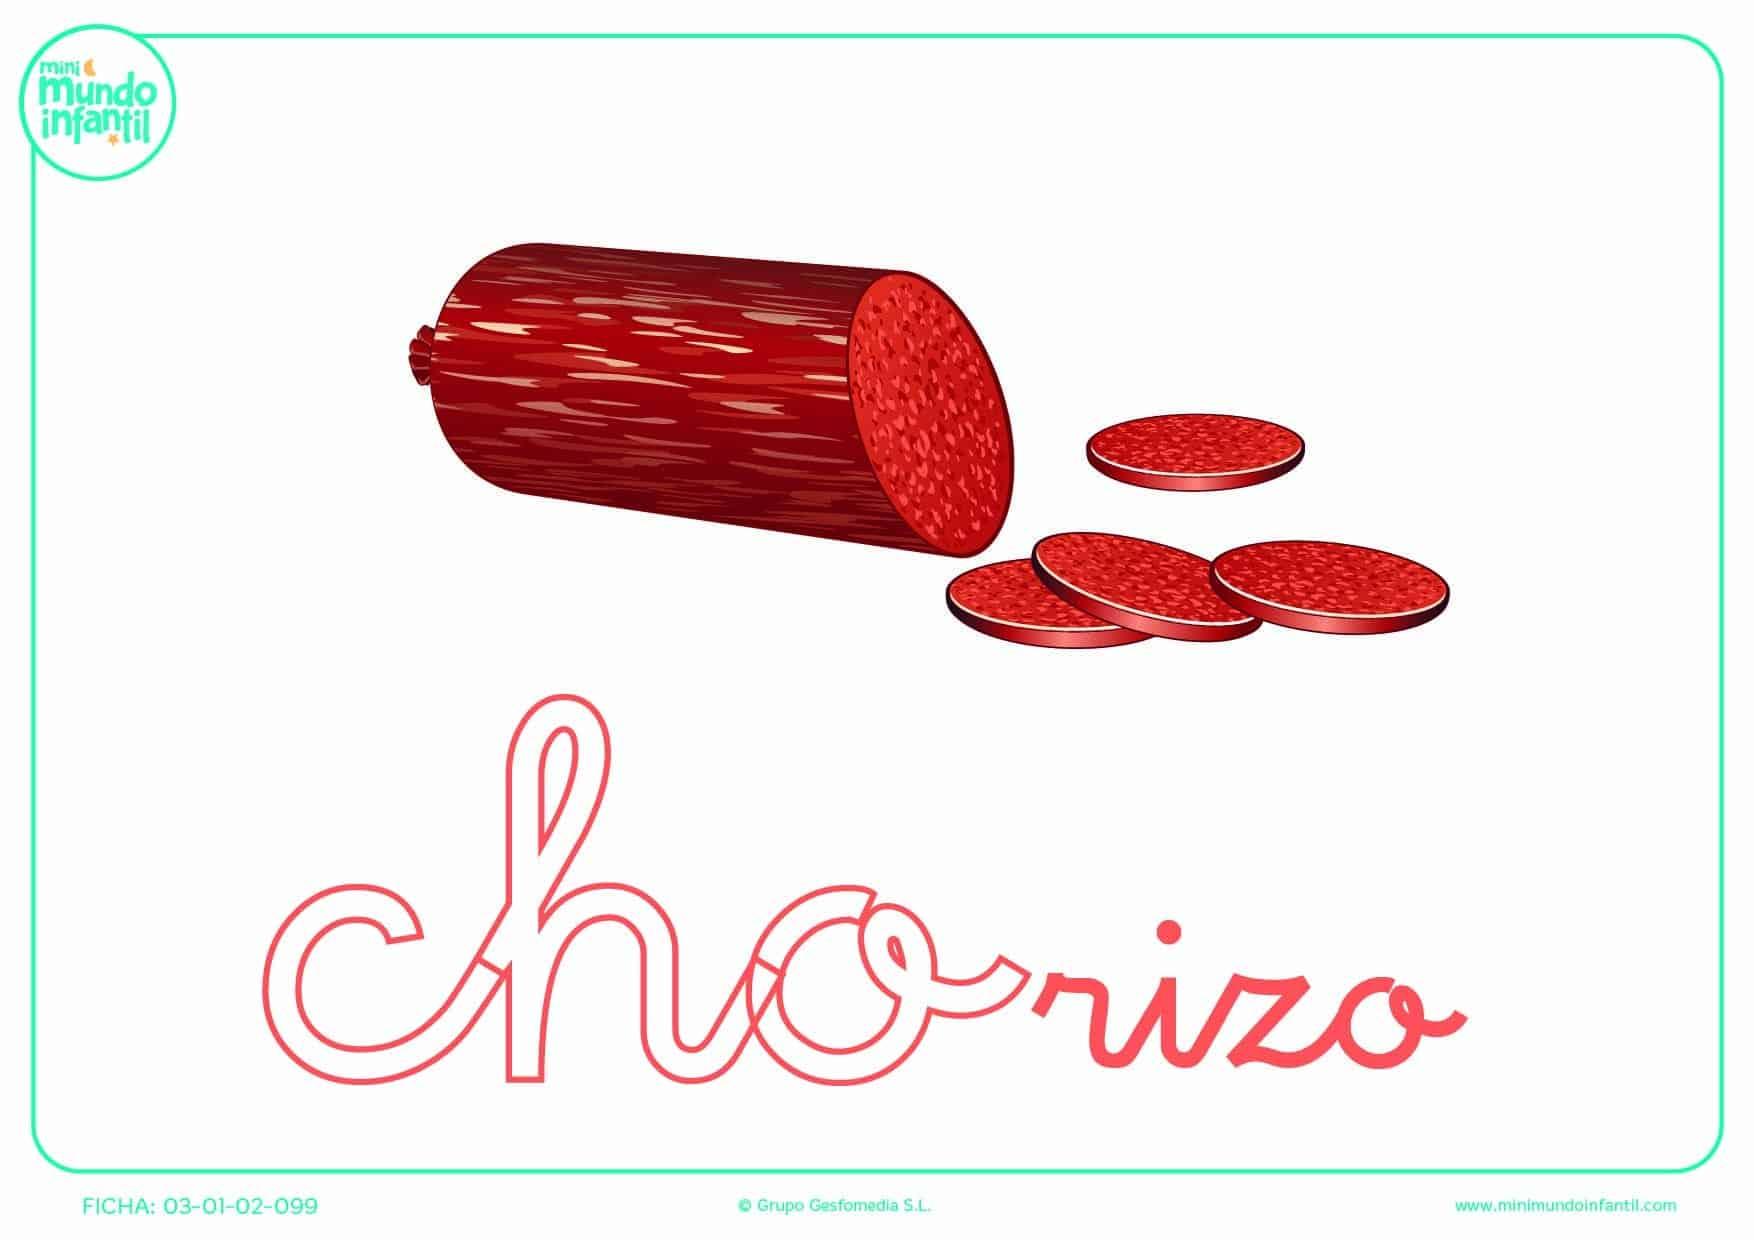 Pintar la sílaba CHO minúscula de chorizo